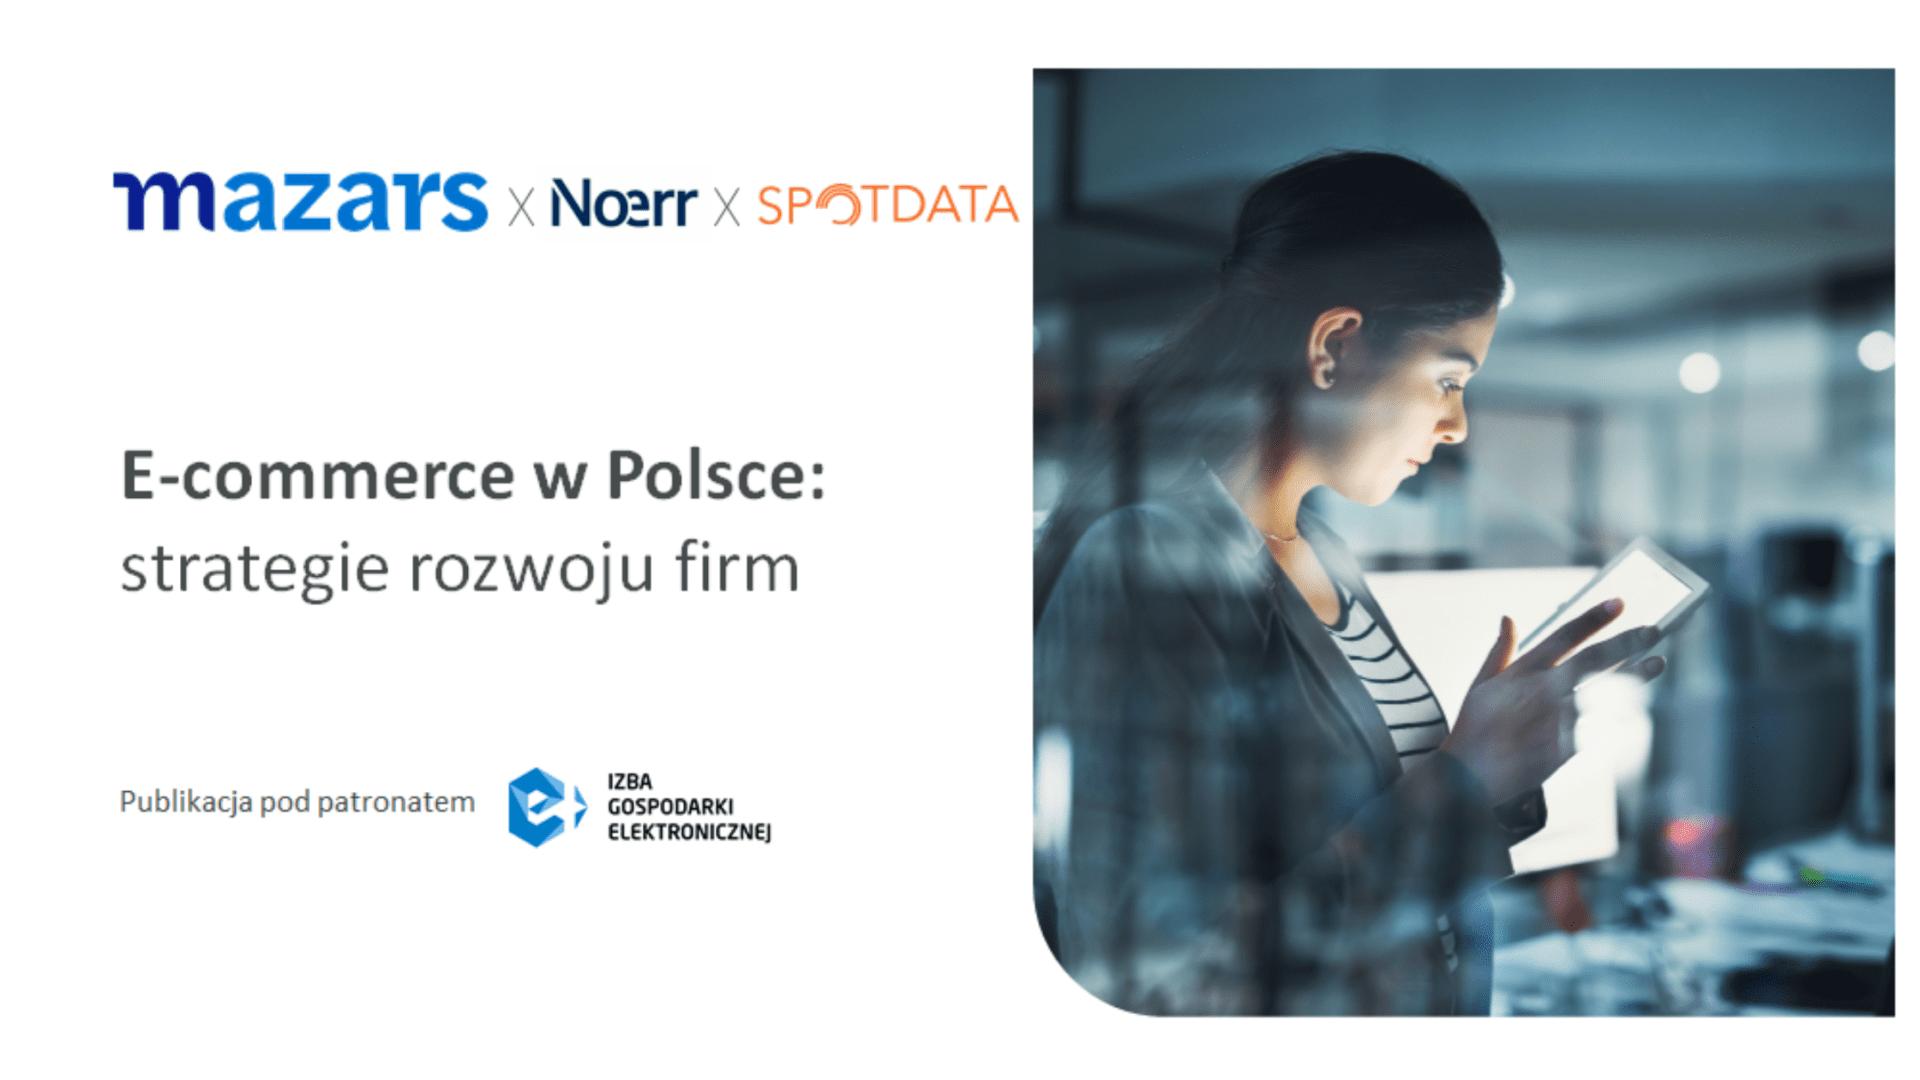 Rynek e-commerce w Polsce : chwilowe przyspieszenie czy trwała zmiana? Perspektywy i strategie rozwoju firm.